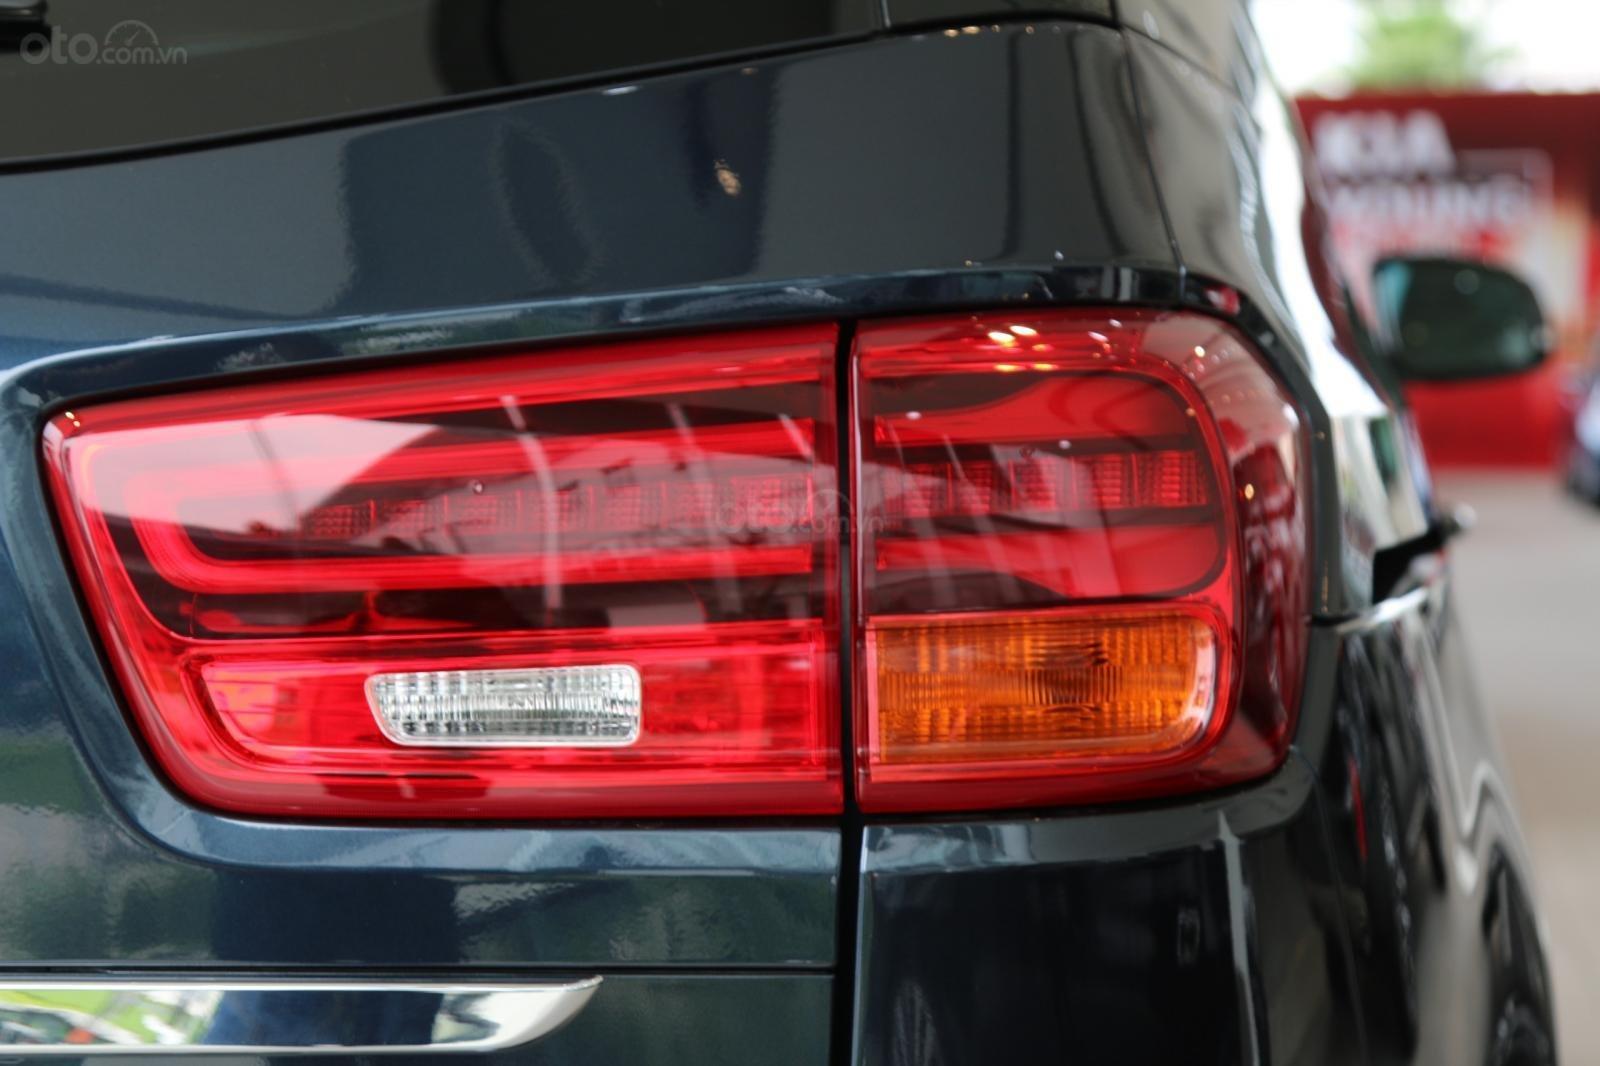 Kia Sedona - giảm giá tiền mặt / tặng bảo hiểm + camera hành trình - liên hệ PKD Kia Bình Tân 093 317 0660-8